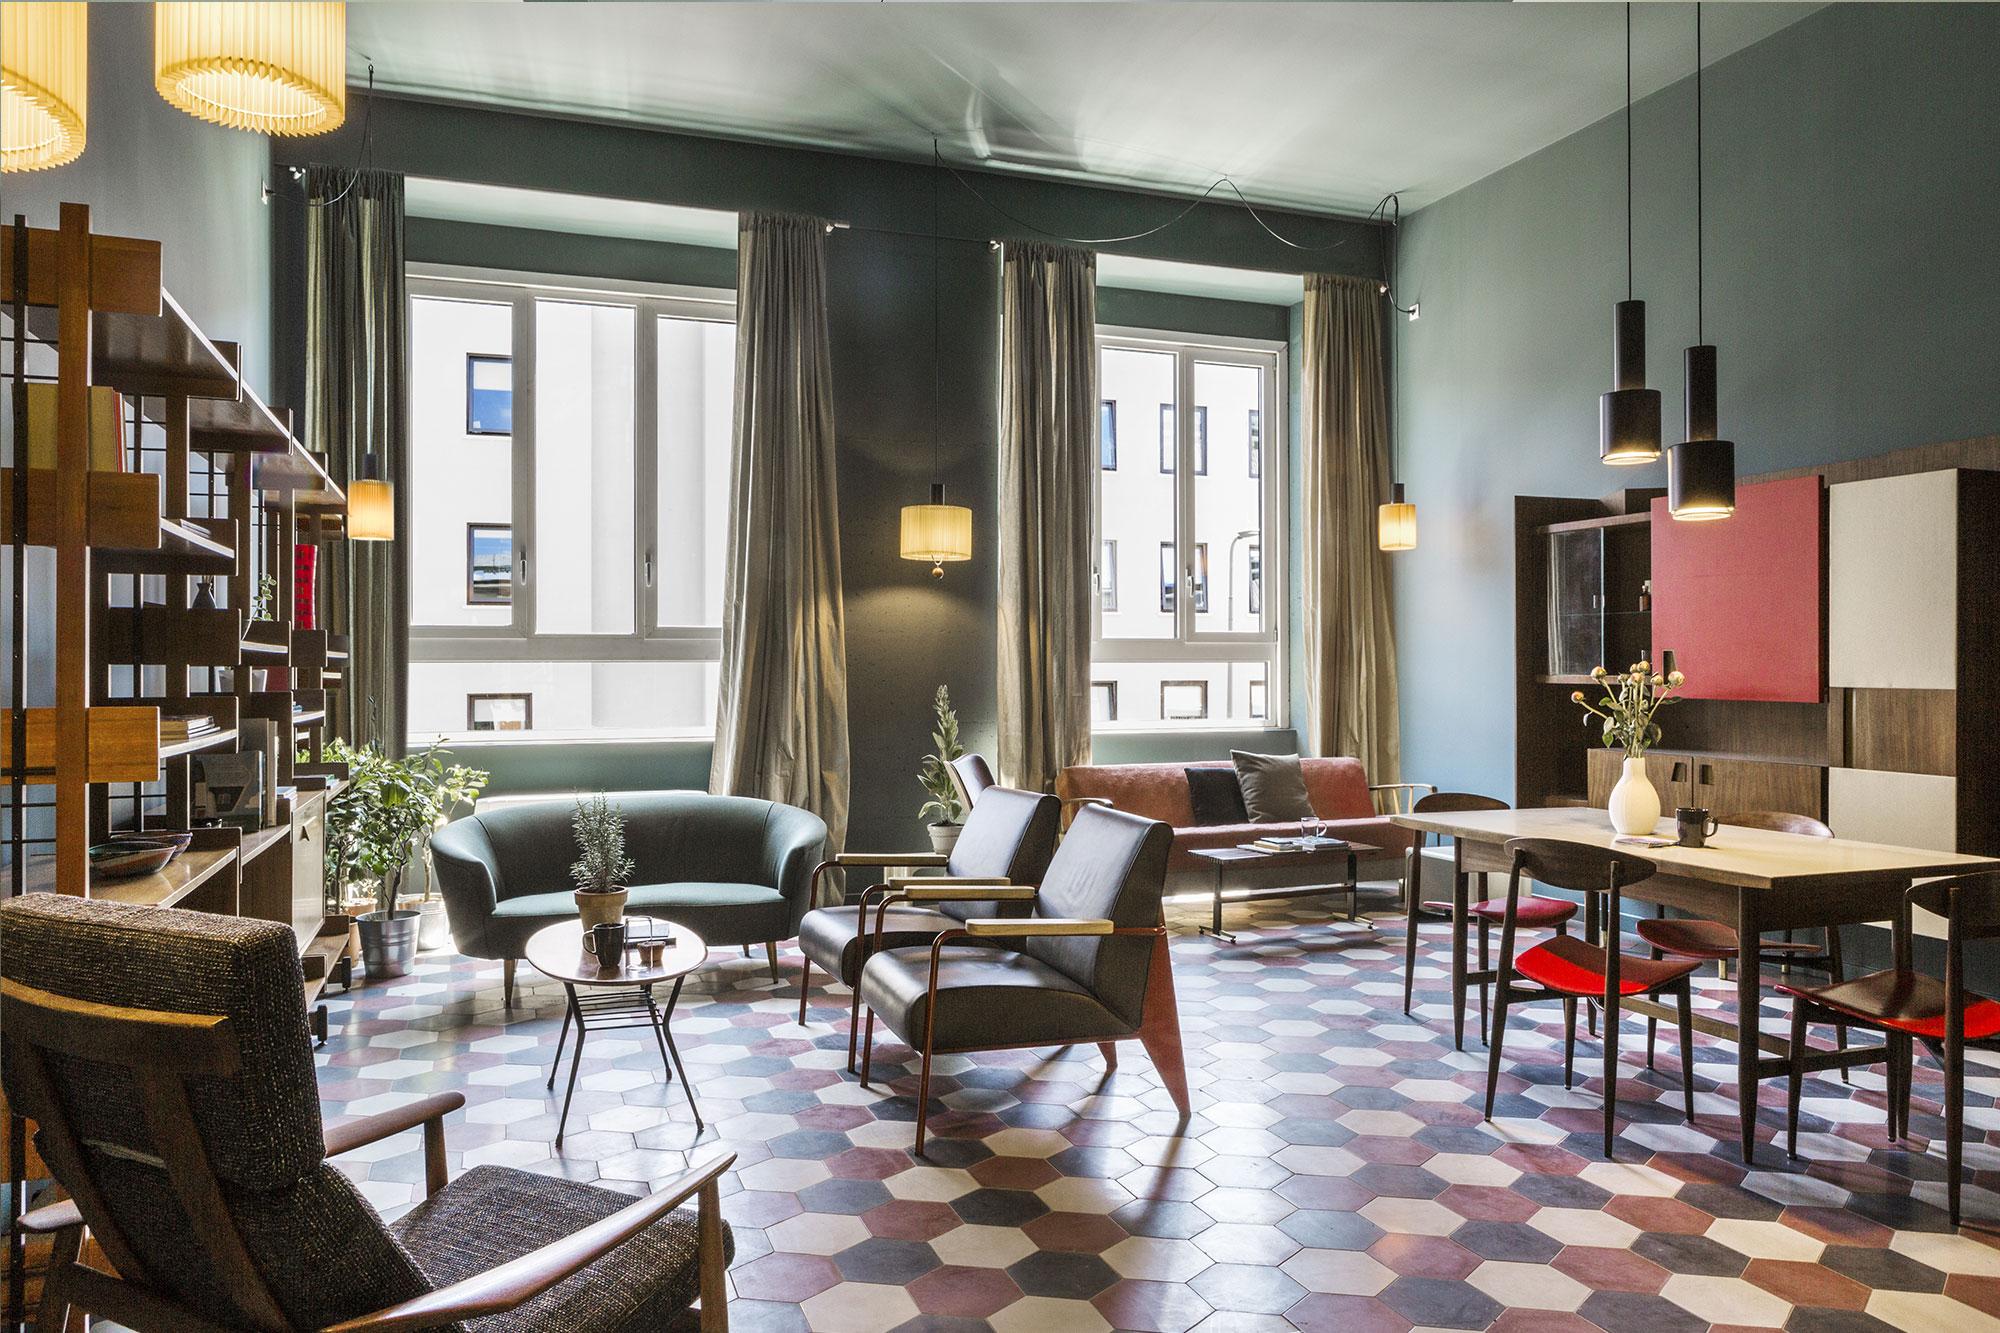 casabase, Milano. Foto Serena Eller